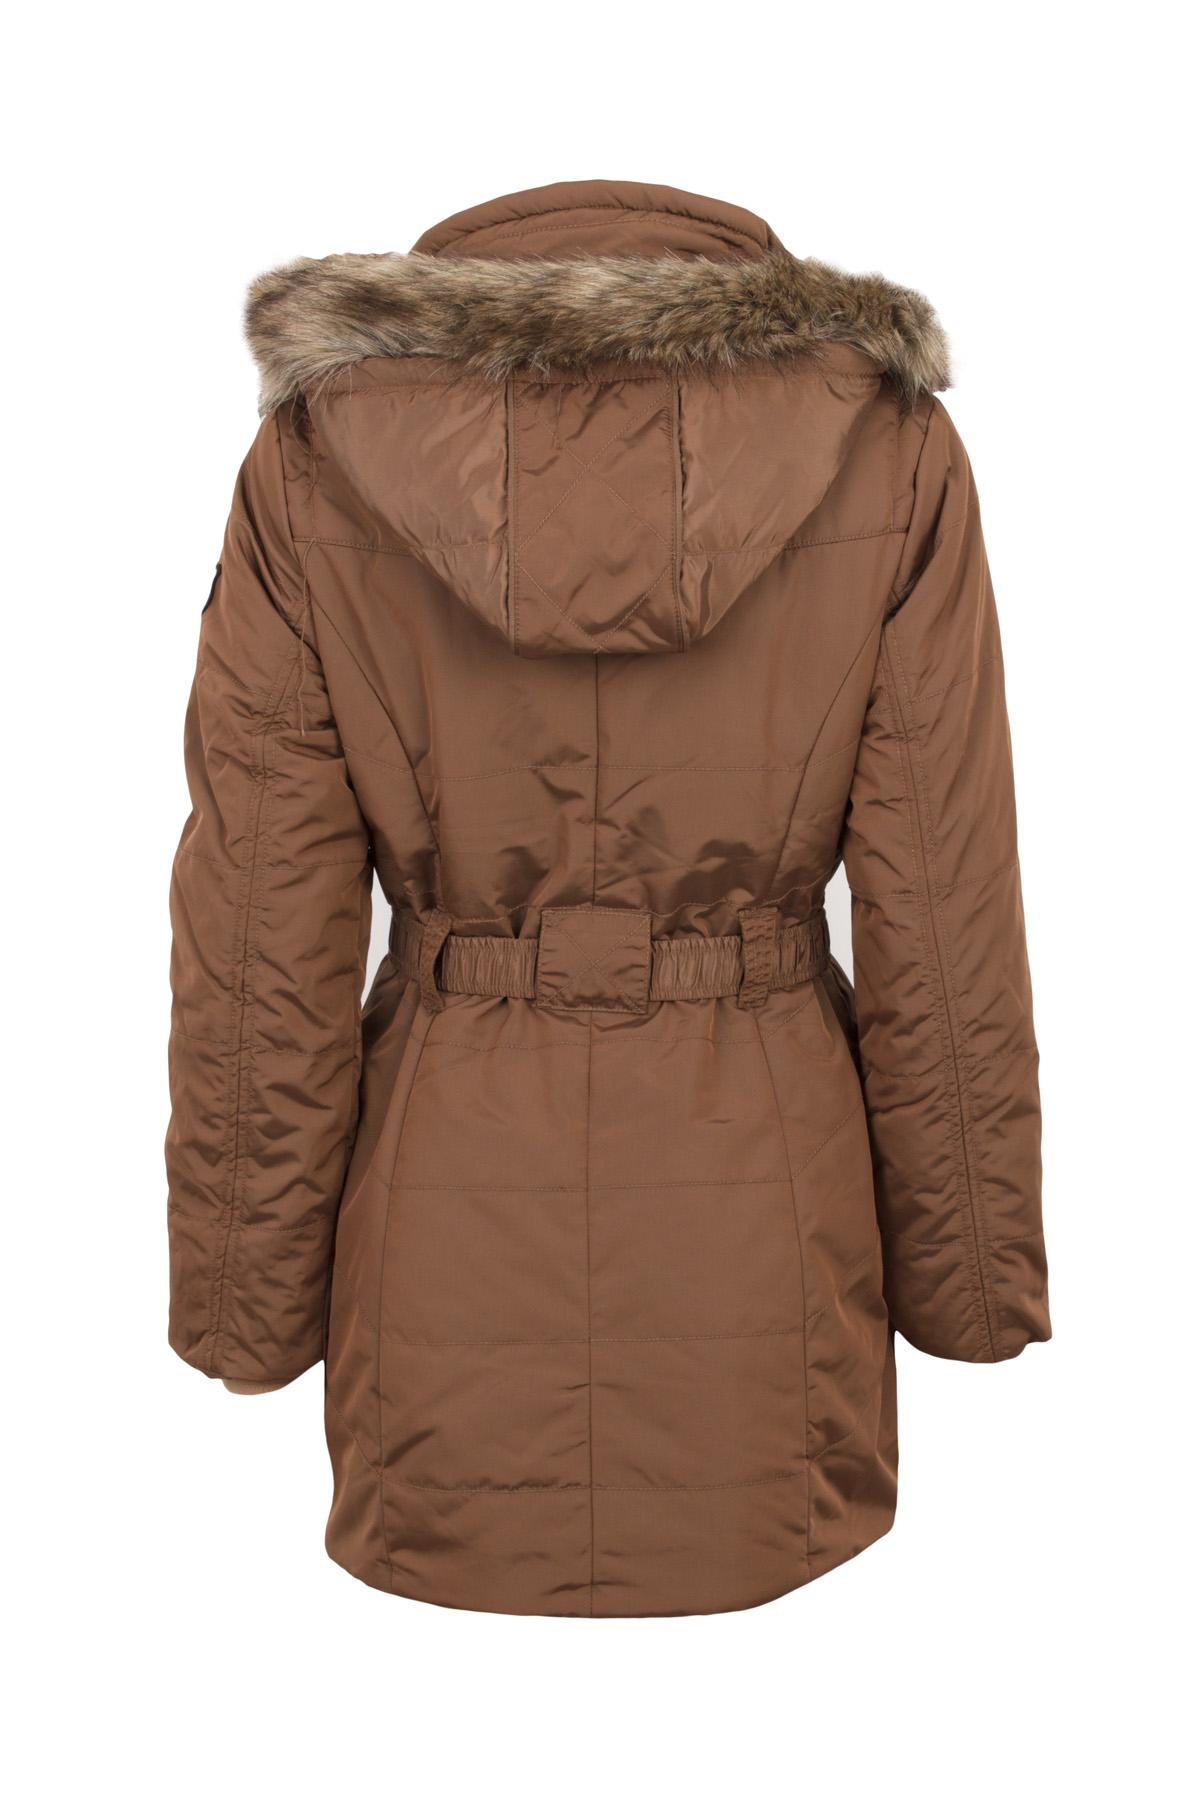 details zu s oliver damen wintermantel mantel 5661 uvp 159 95. Black Bedroom Furniture Sets. Home Design Ideas